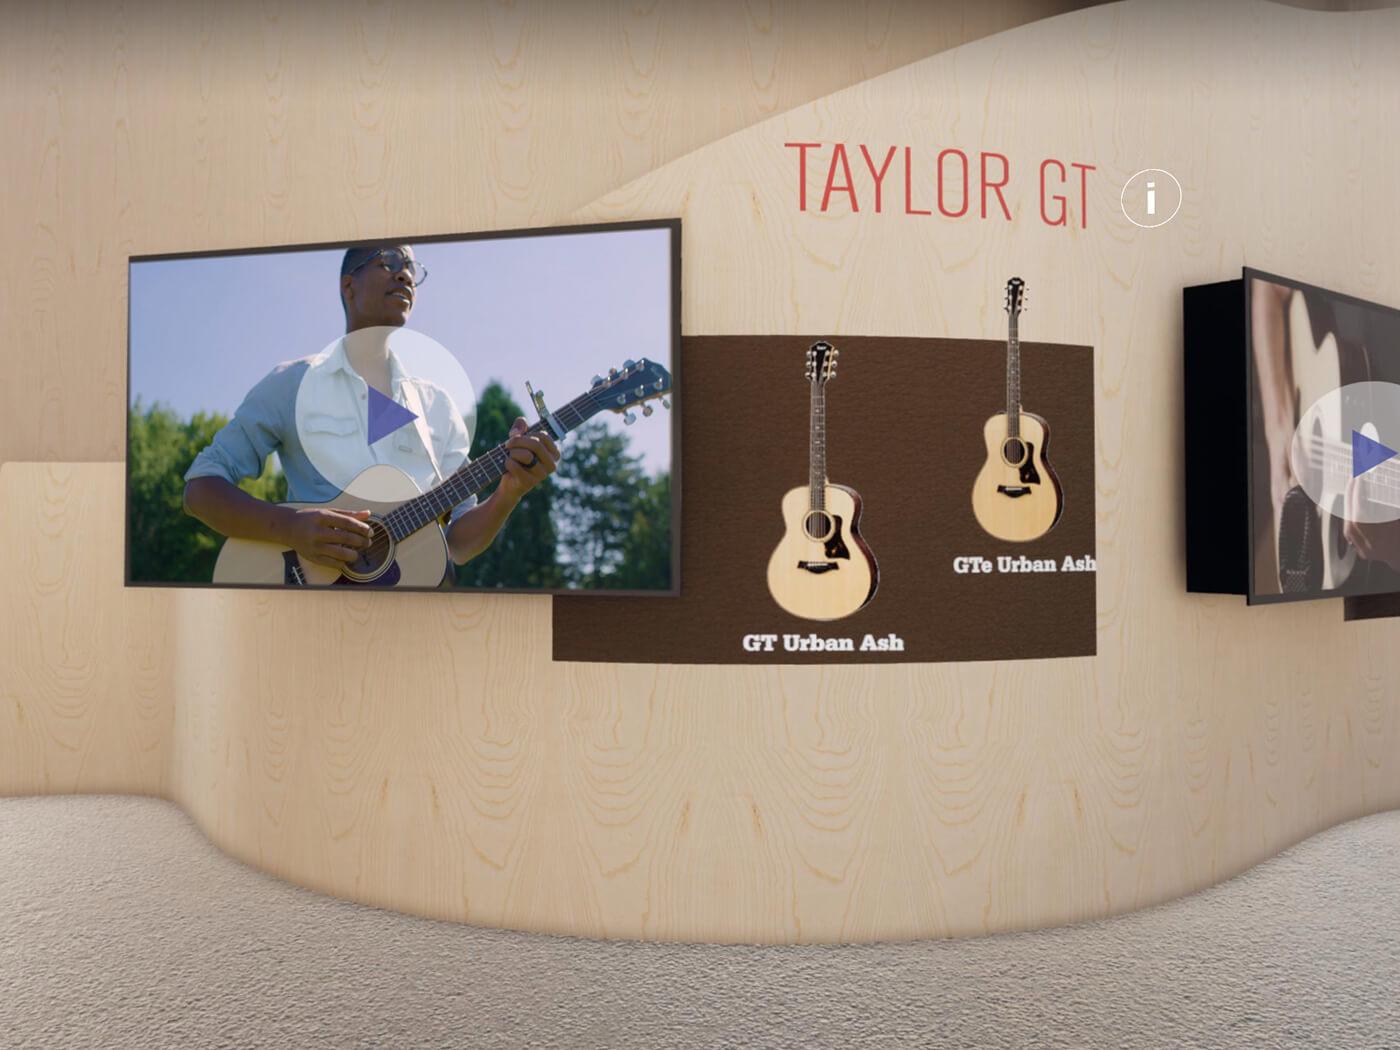 Taylor at Guitar.com Live Taylor GT